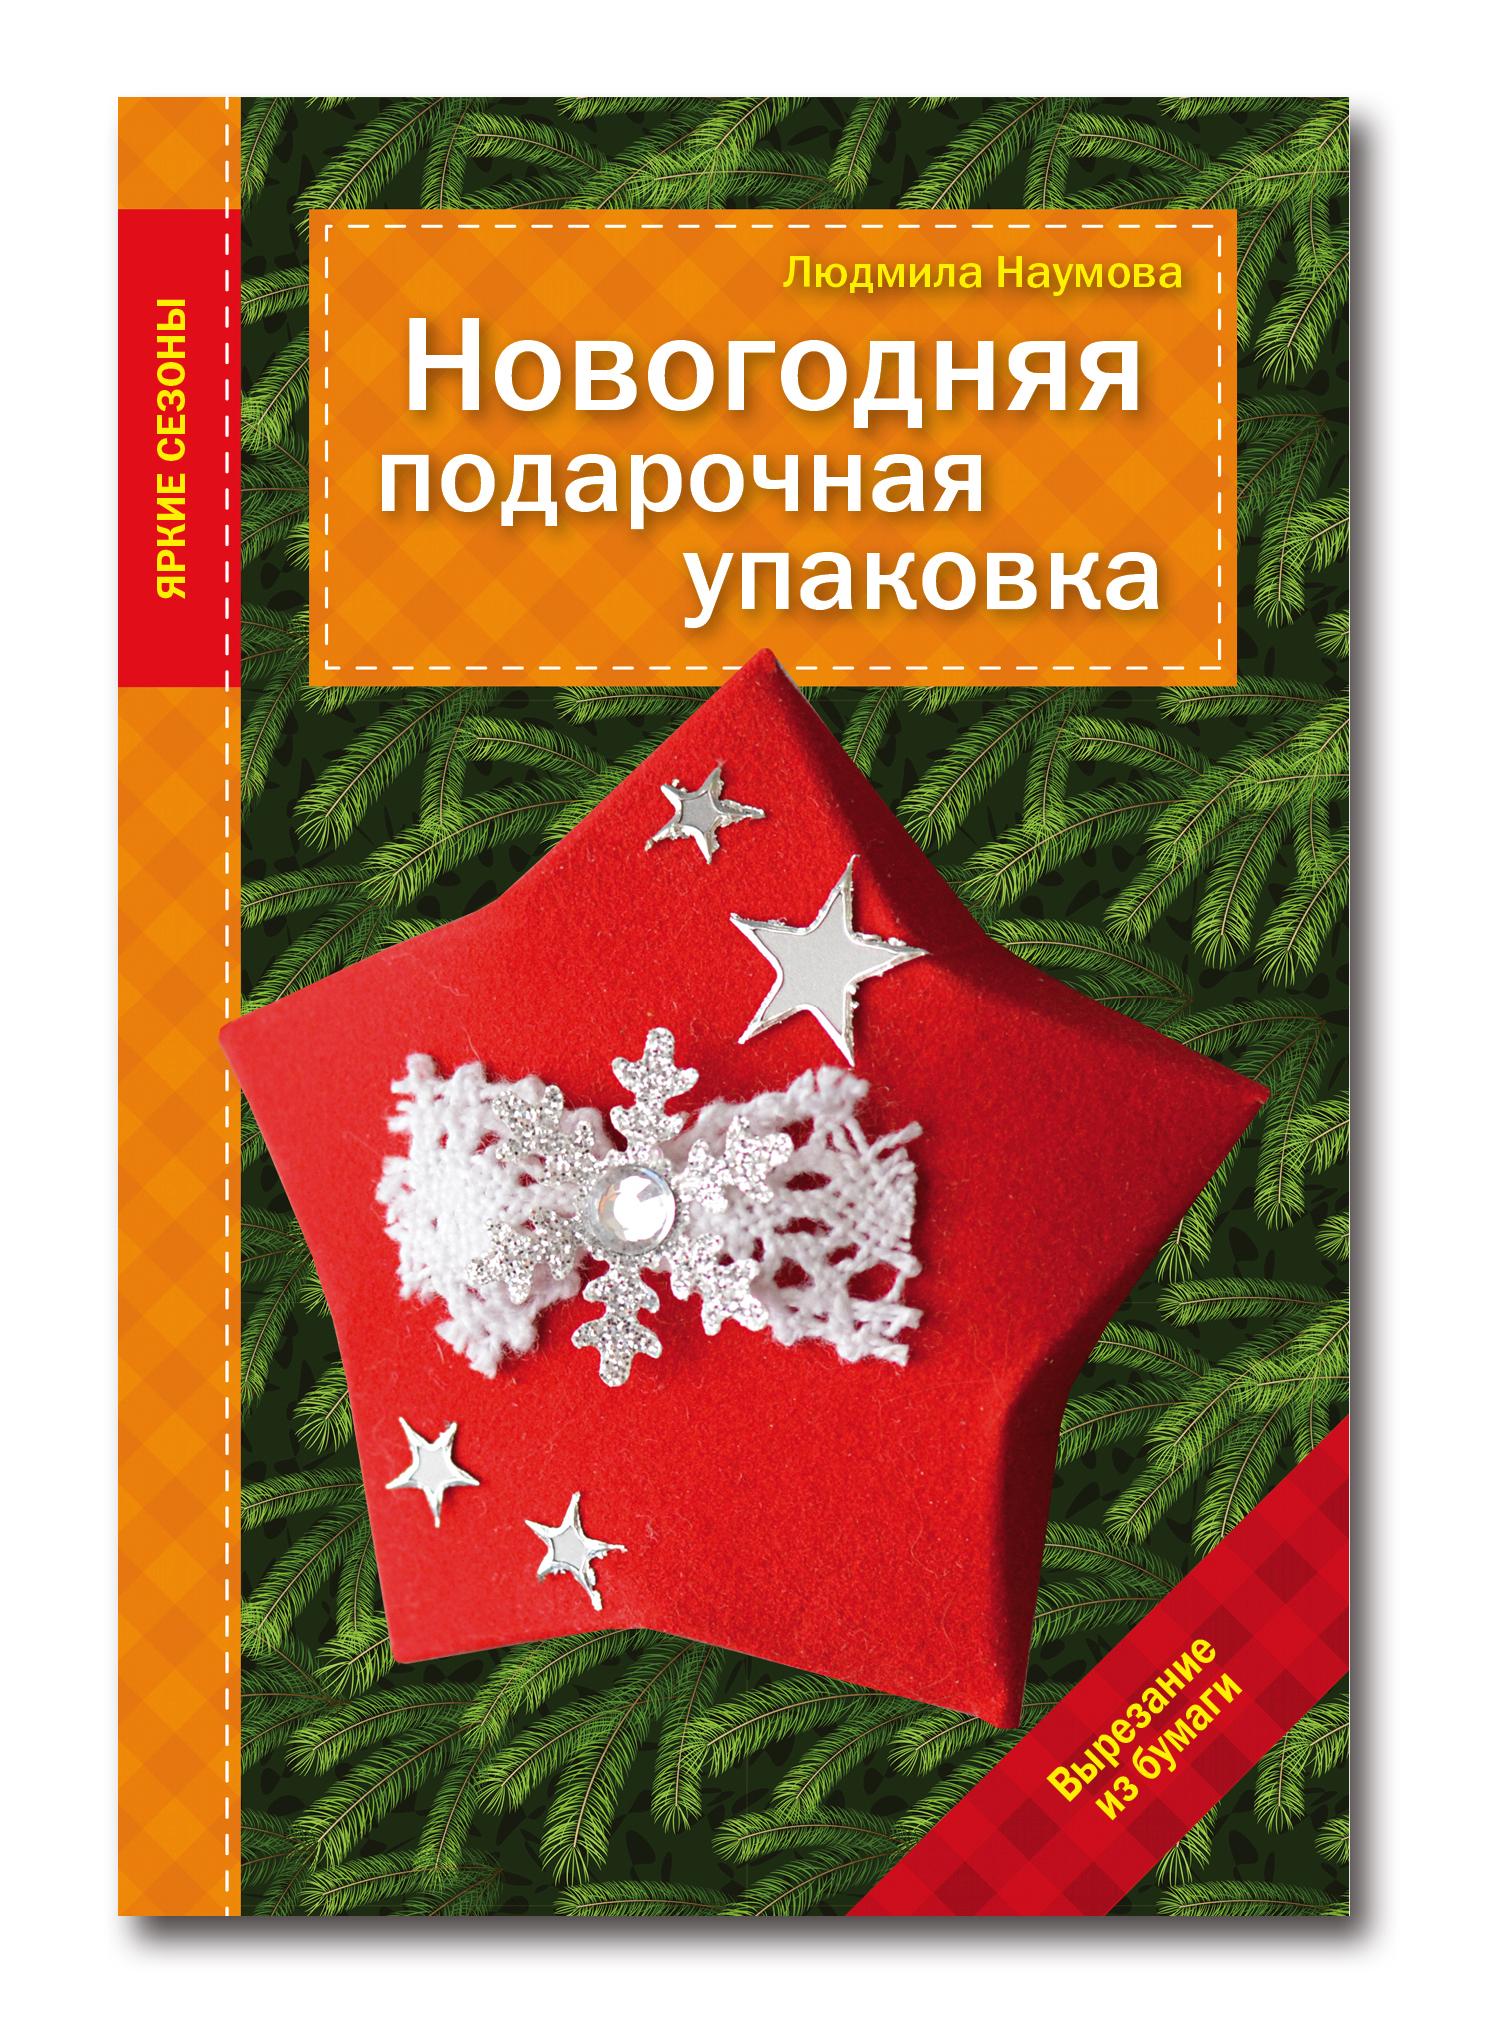 Новогодняя подарочная упаковка ( Наумова Л.  )